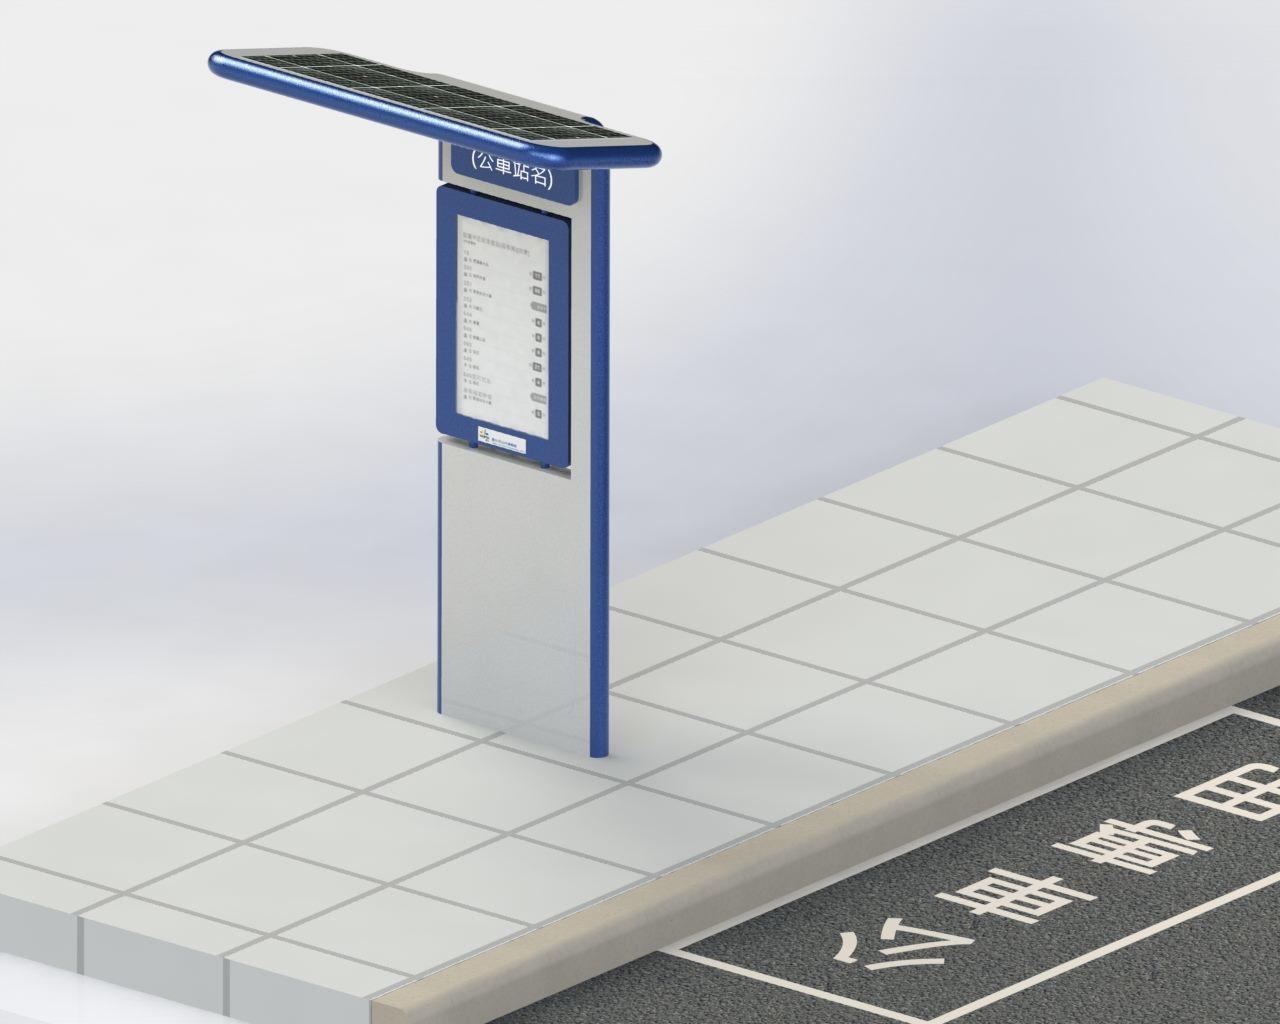 北市公共運輸處今年規畫試辦綠能公車站牌,其中2支純太陽能發電智慧型站牌由廠商贊助...